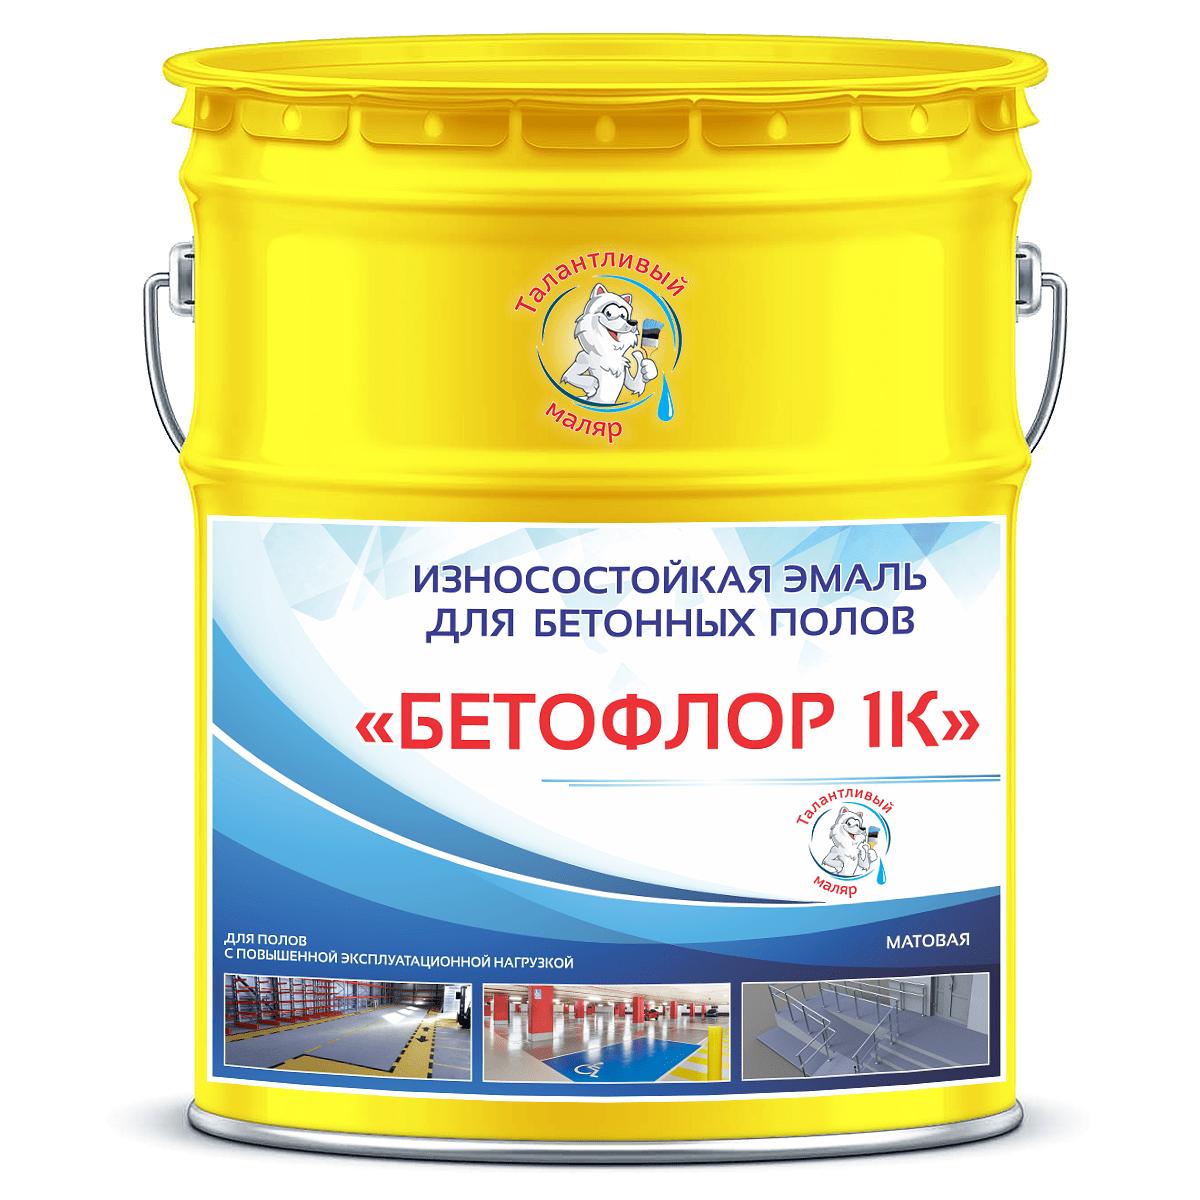 """Фото 20 - BF1023 Эмаль для бетонных полов """"Бетофлор"""" 1К цвет RAL 1023 Транспортно-жёлтый, матовая износостойкая, 25 кг """"Талантливый Маляр""""."""